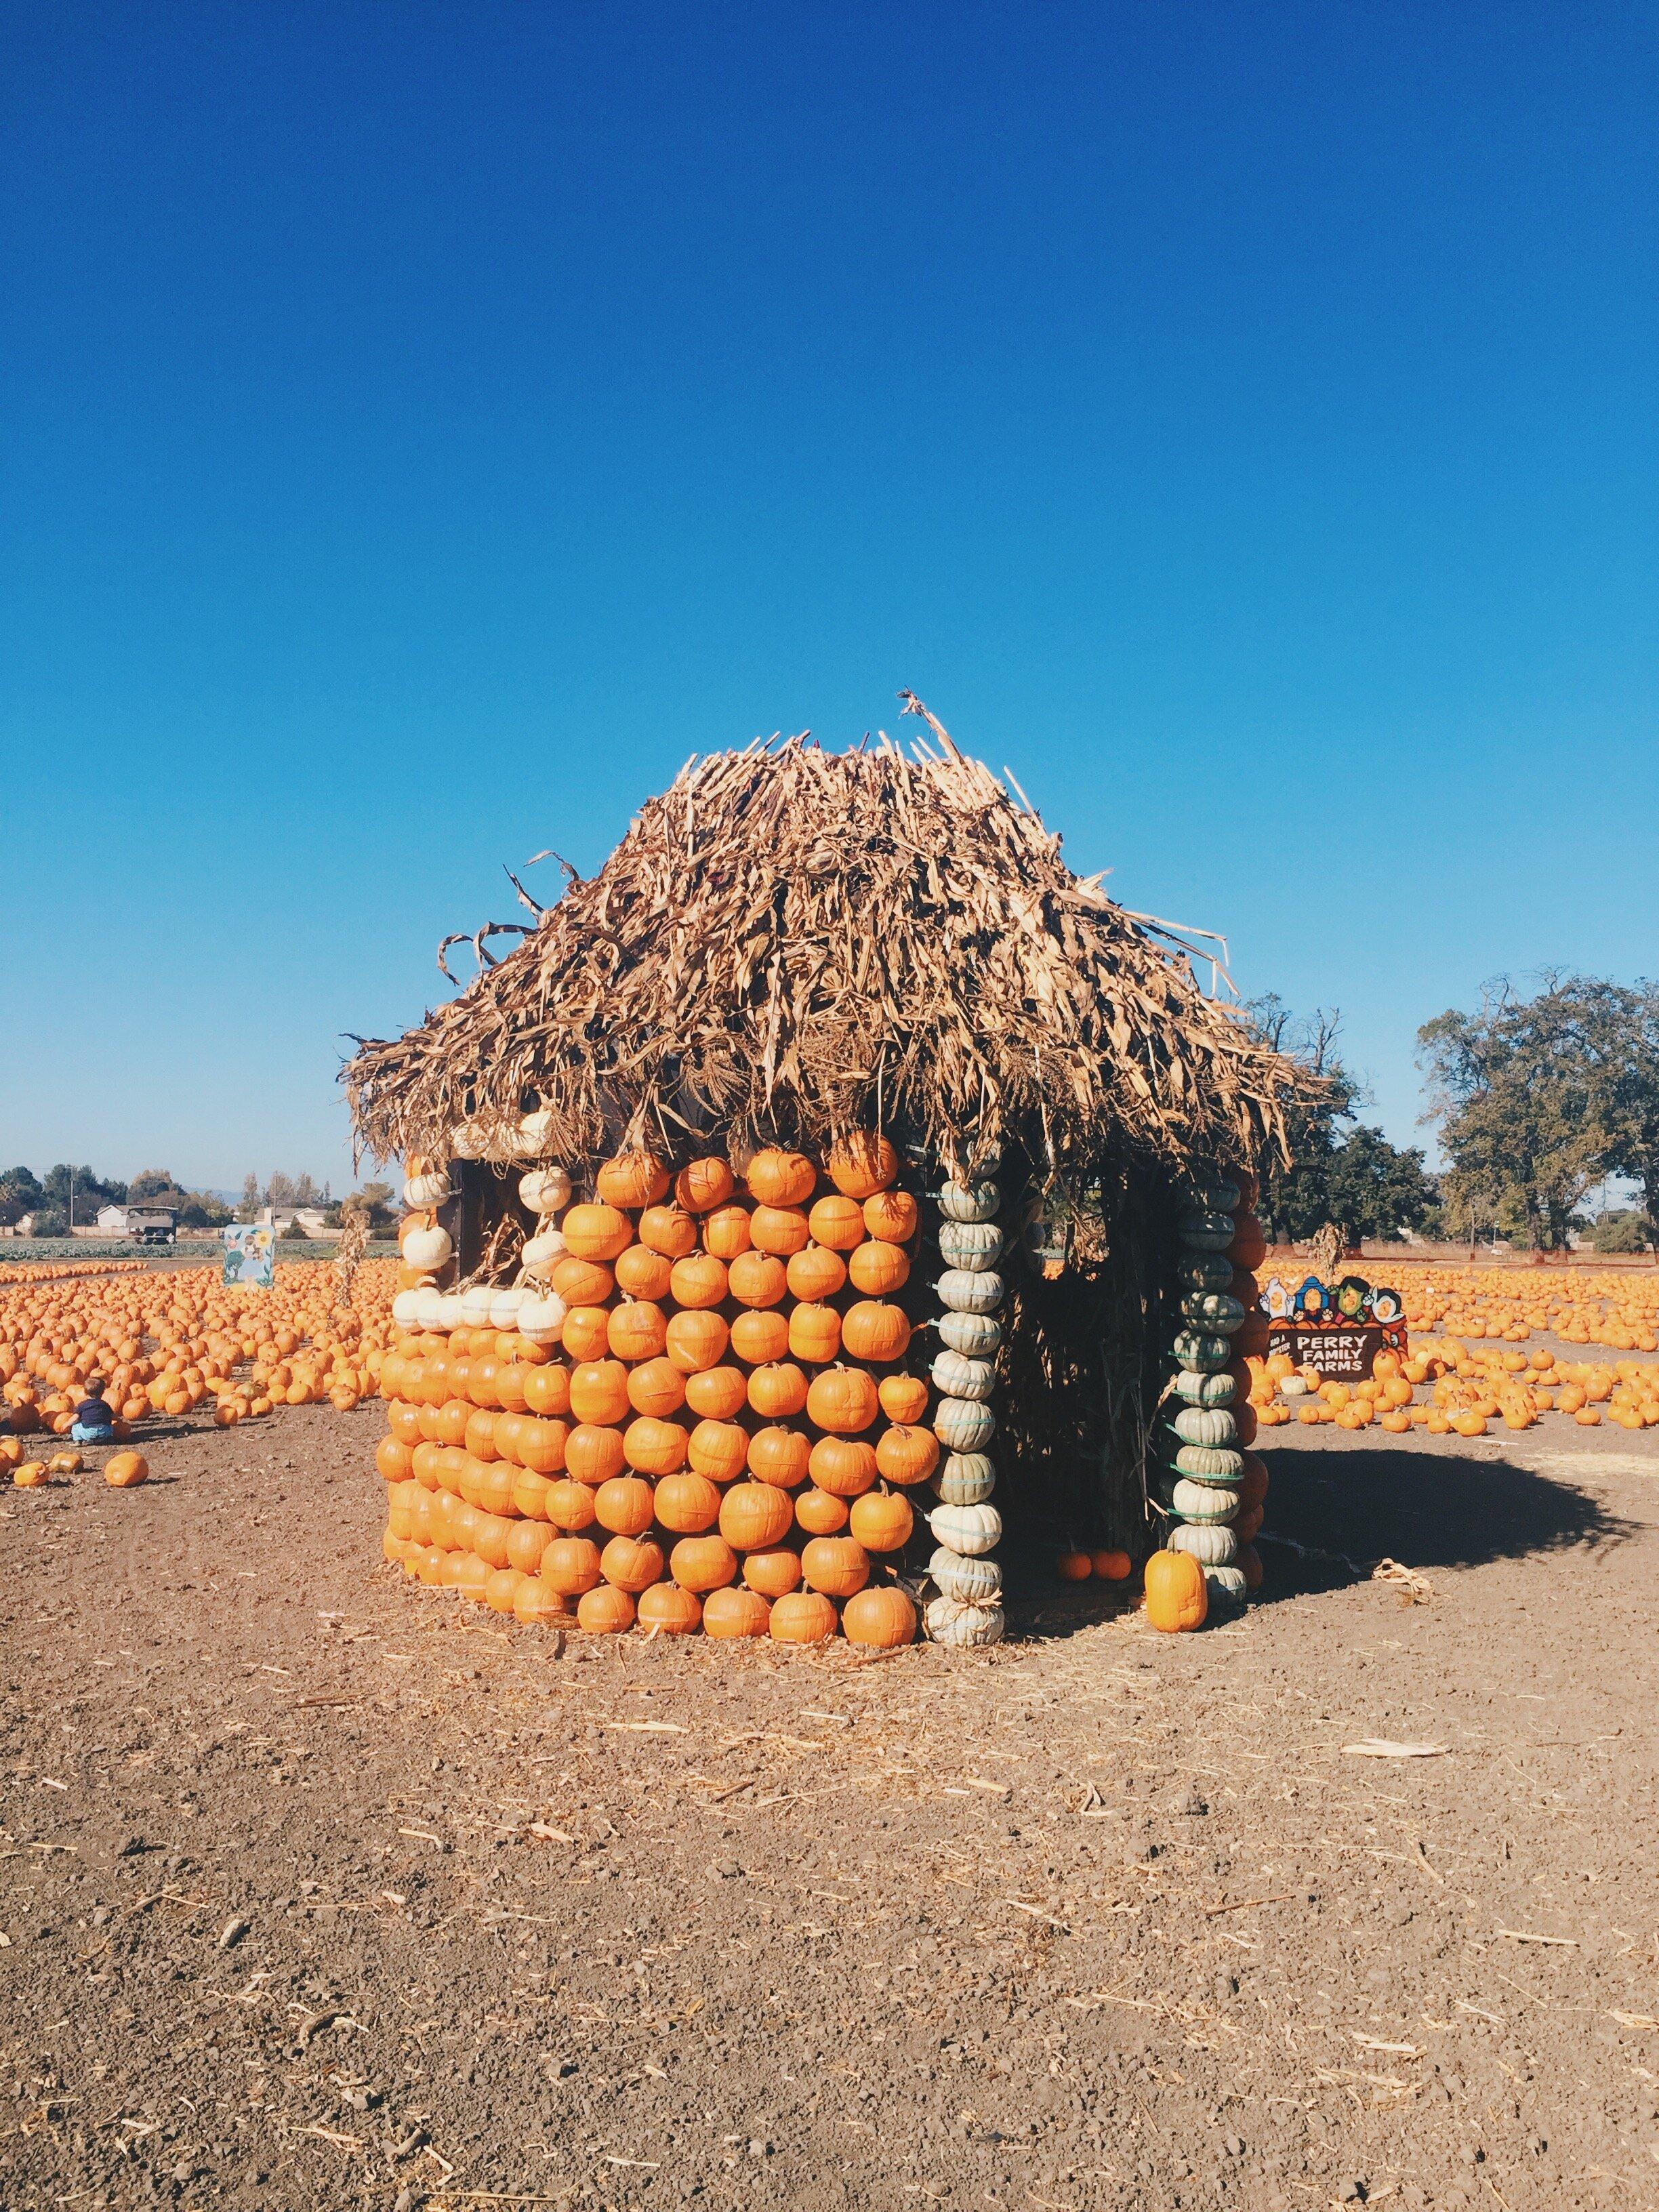 Pumpkin house at J.E. Perry Farm